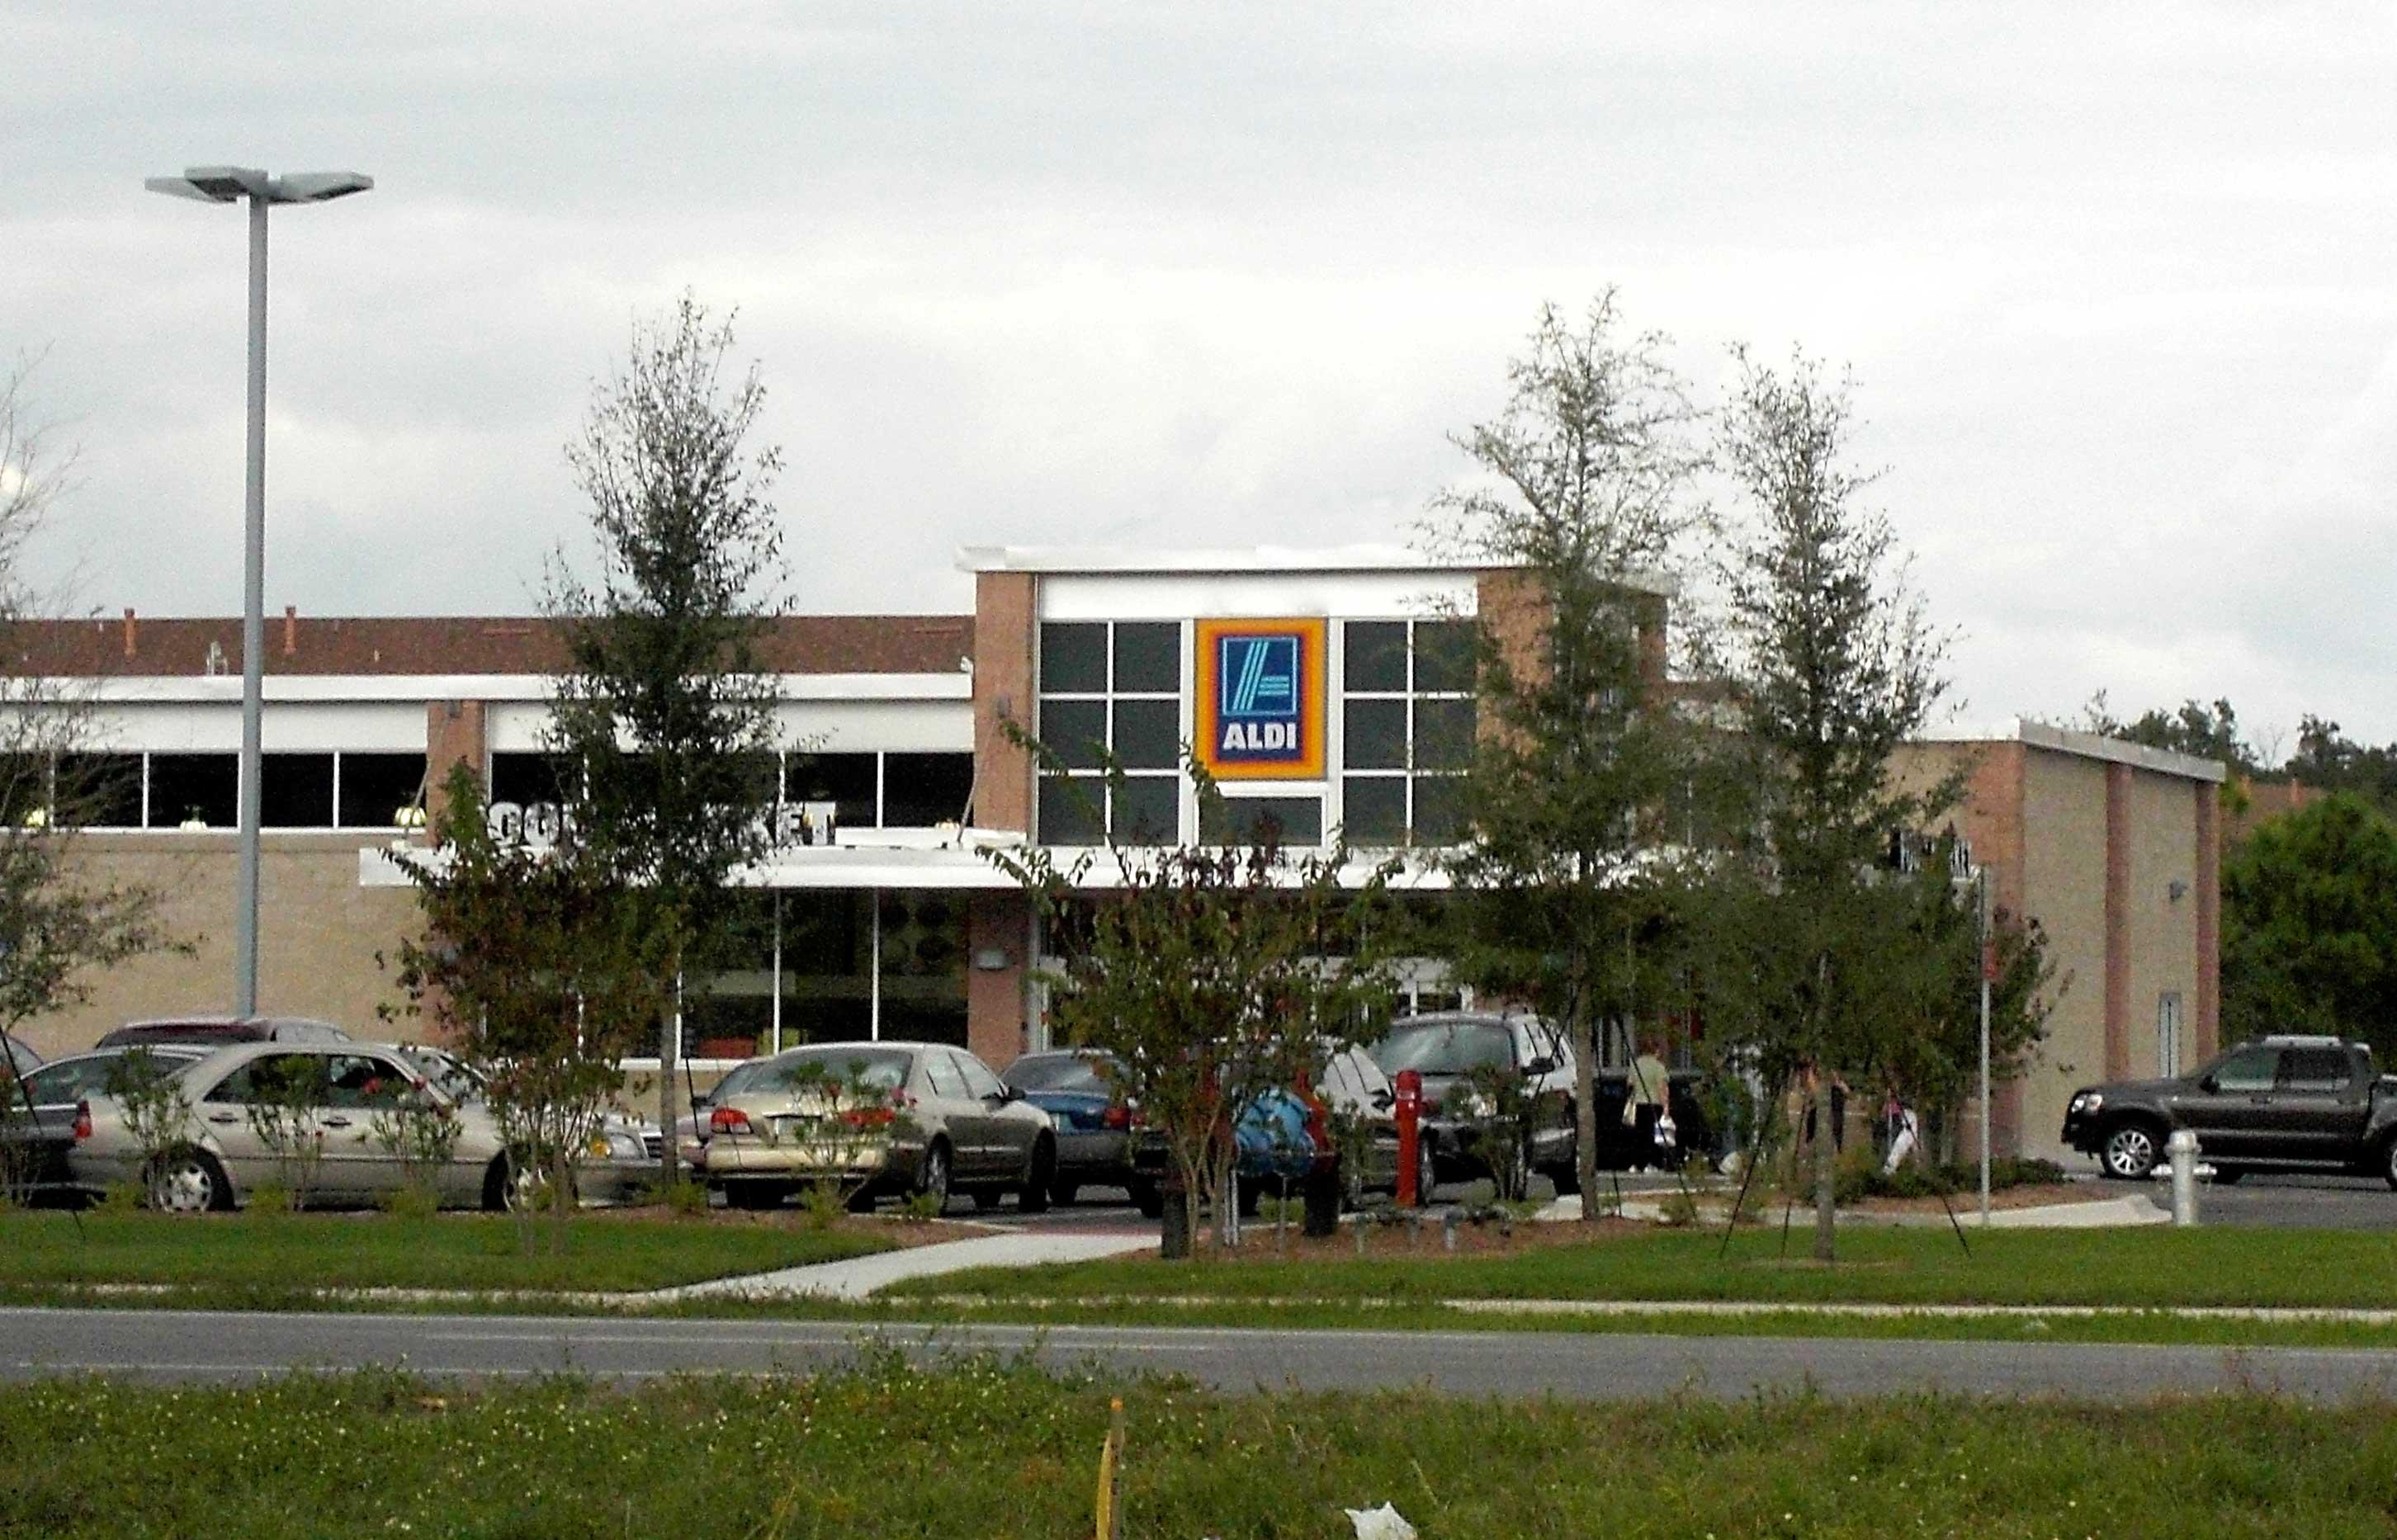 Day 44 – Aldi supermarket open in Sanford FL